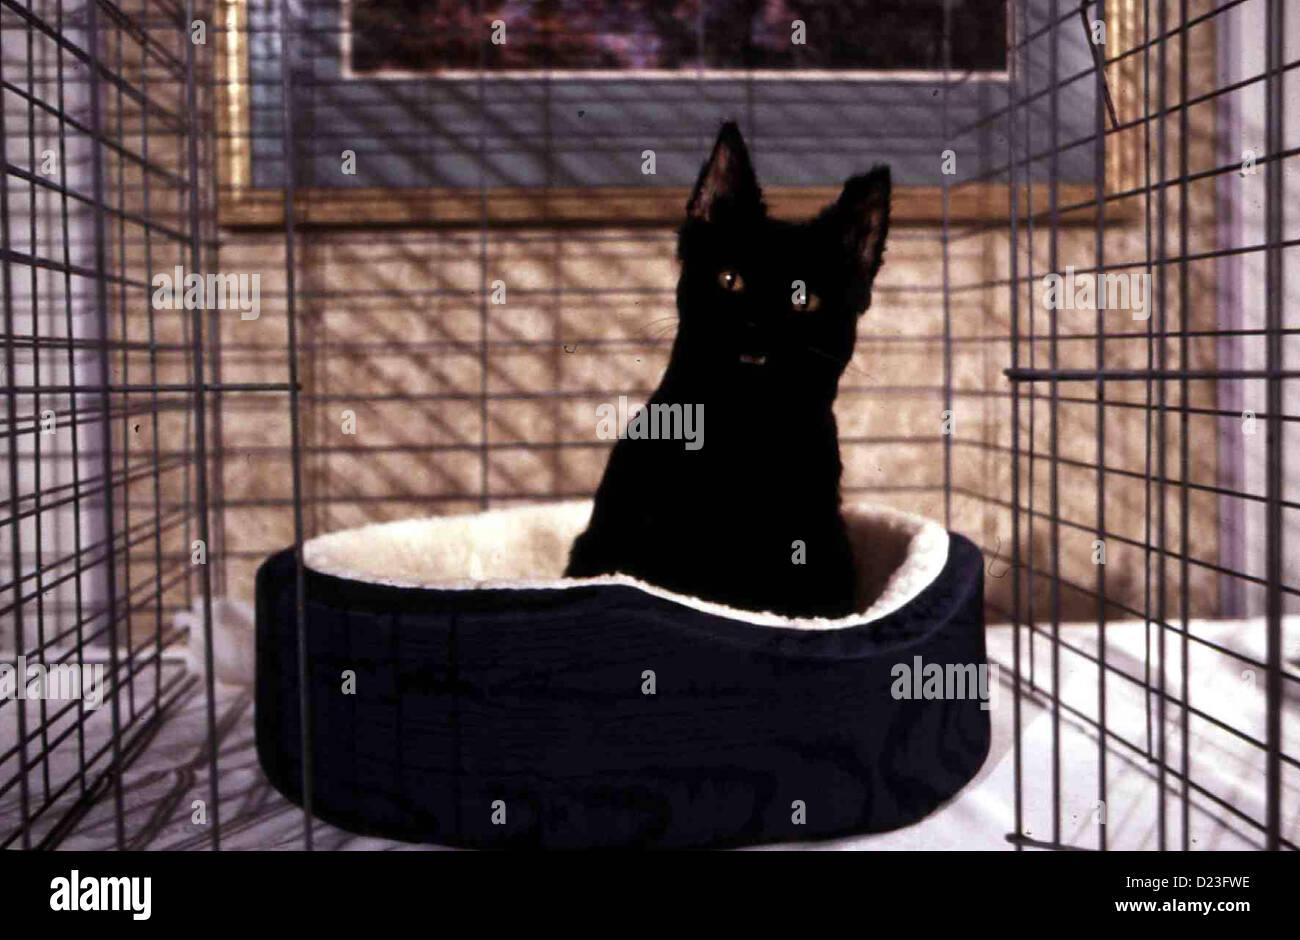 Sabrina - Total Verhext: Katzenjammer  Sabrina Teenage Witch: Cat Showdown  Kater Salem tritt bei einer Katzenshow - Stock Image